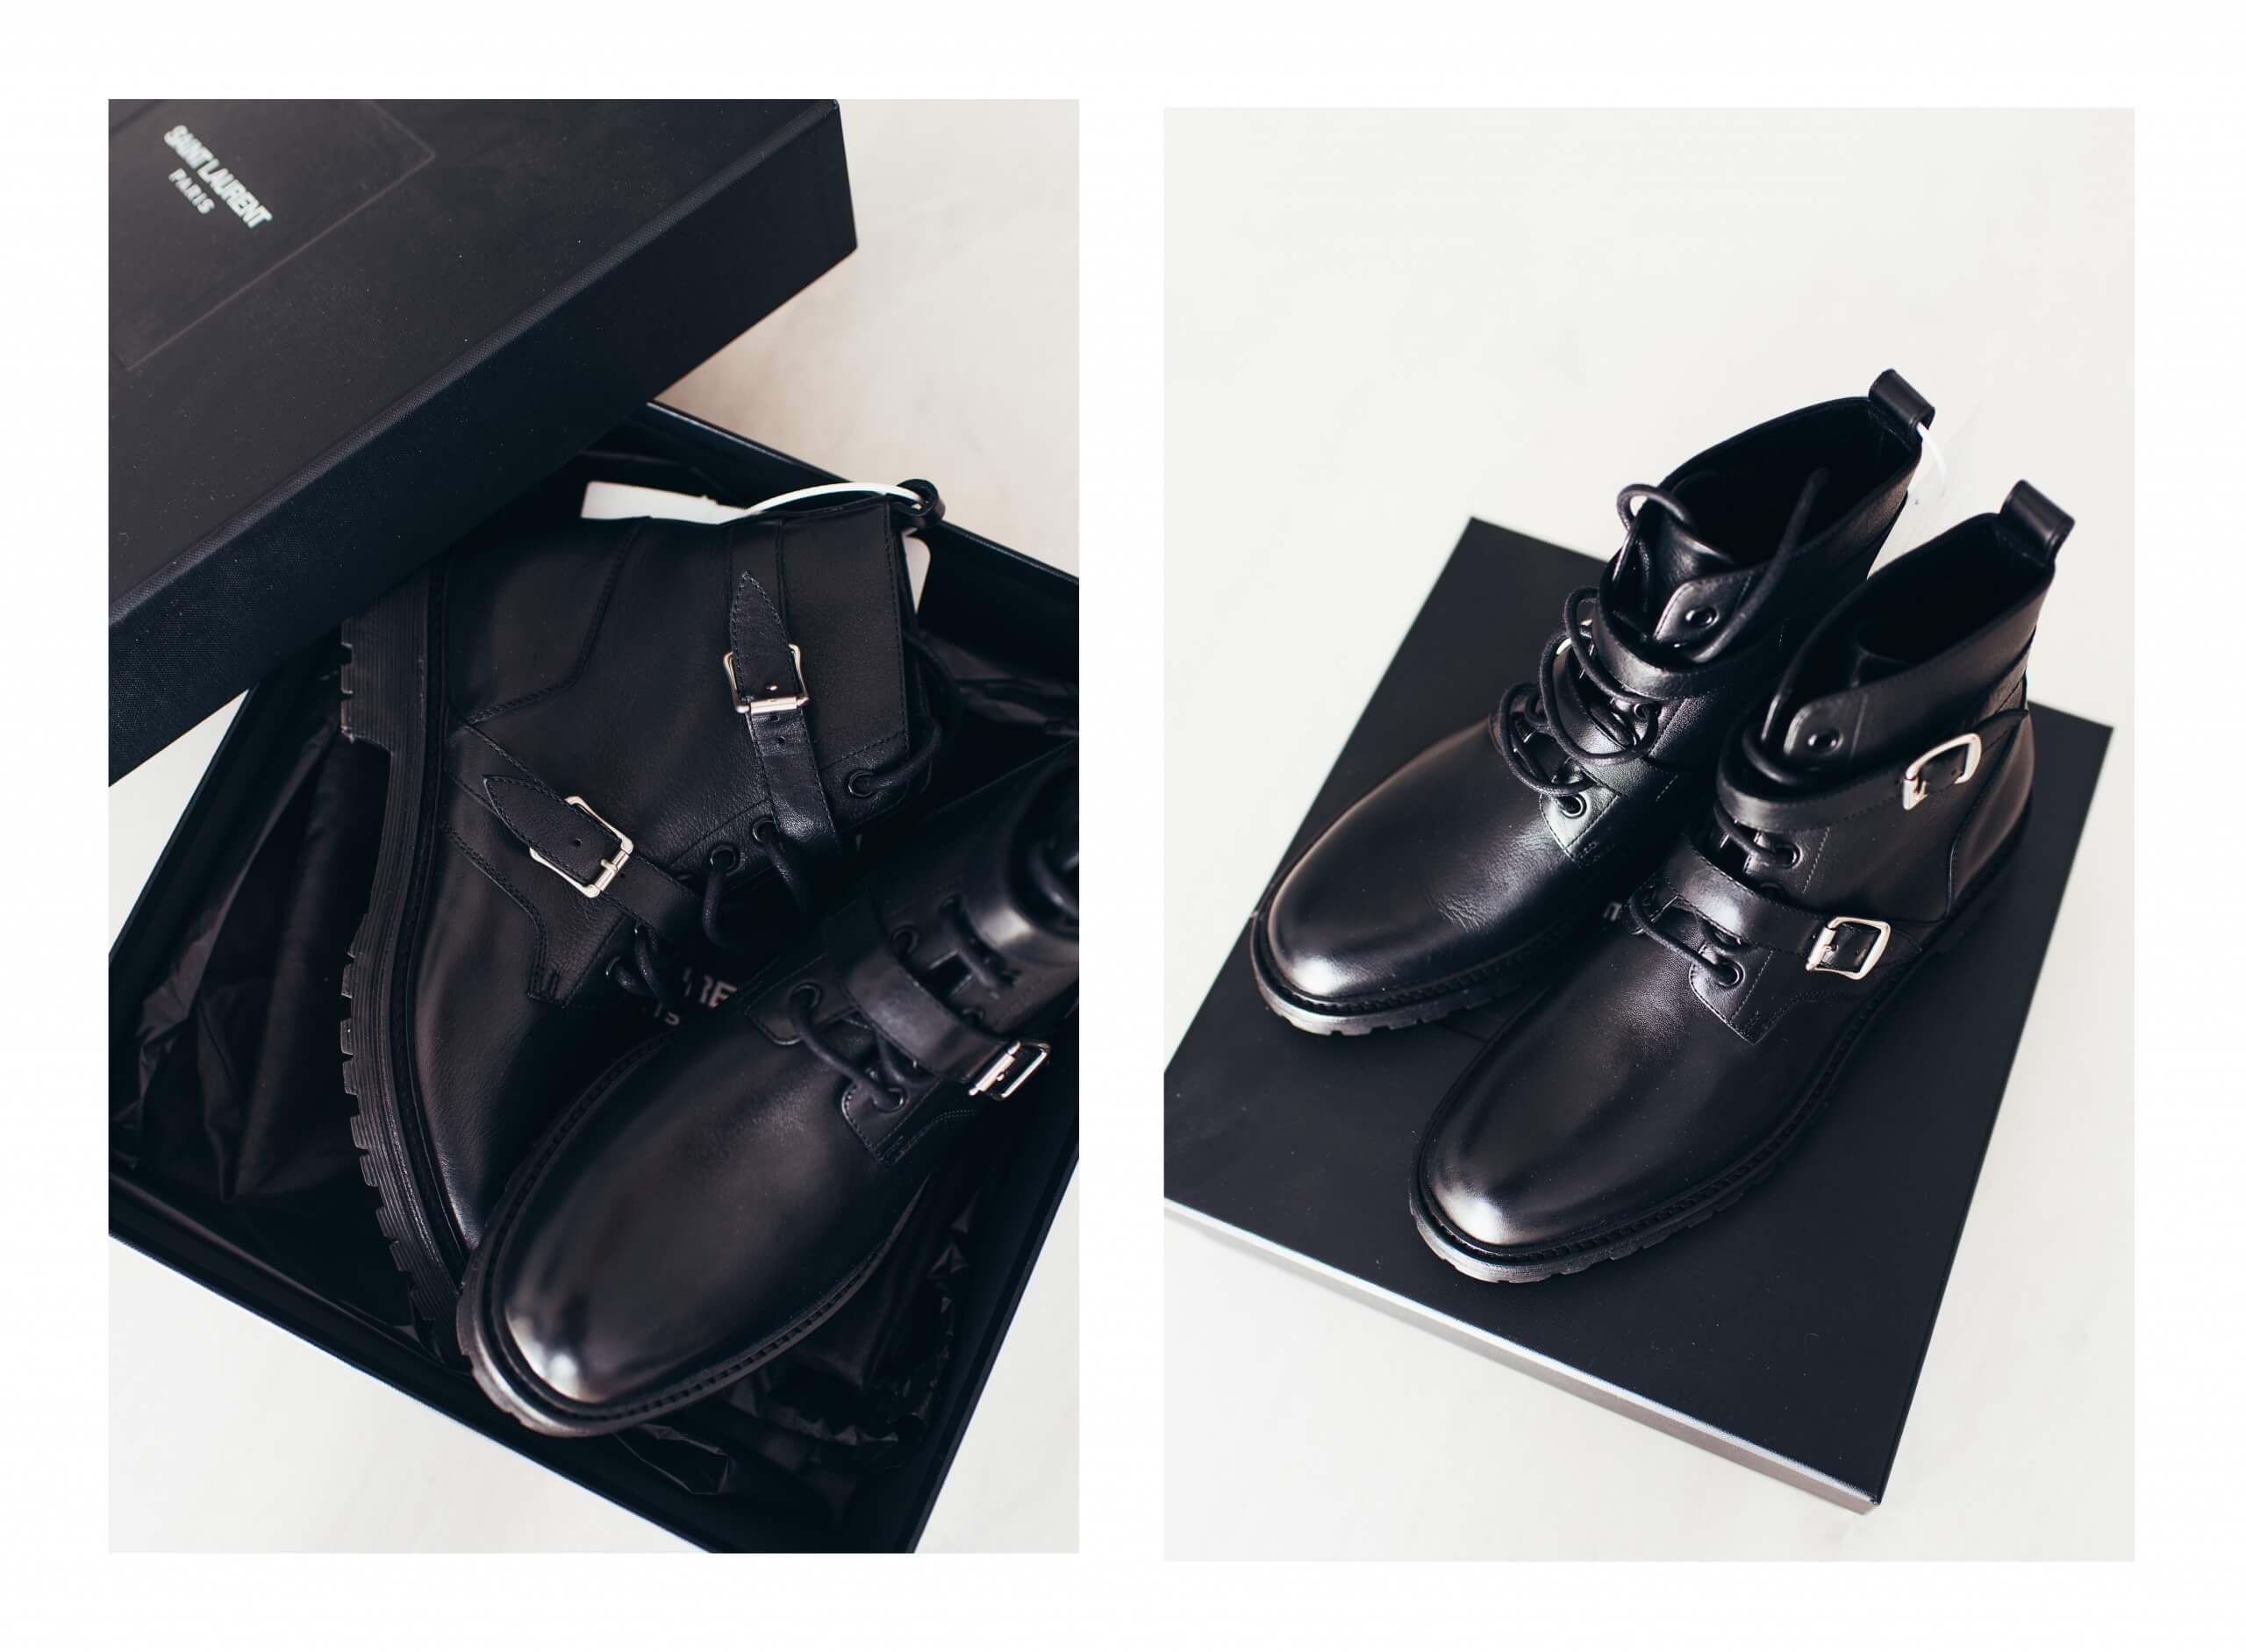 janni-deler-perfect-boots-saint-laurentdsc_2027-copy